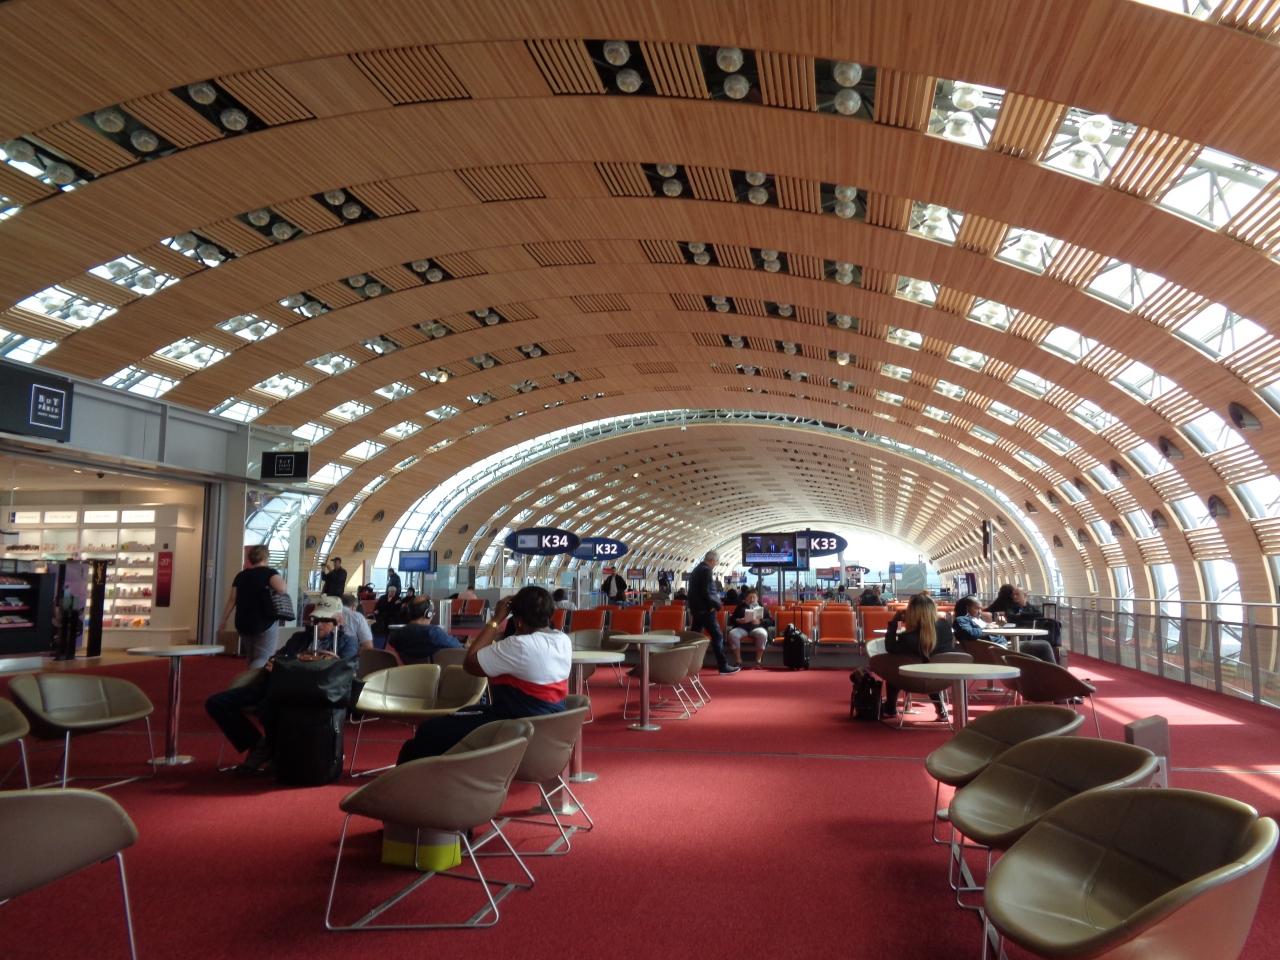 シャルルドゴール空港経由で帰国しました。エールフランスの搭乗ゲートはL